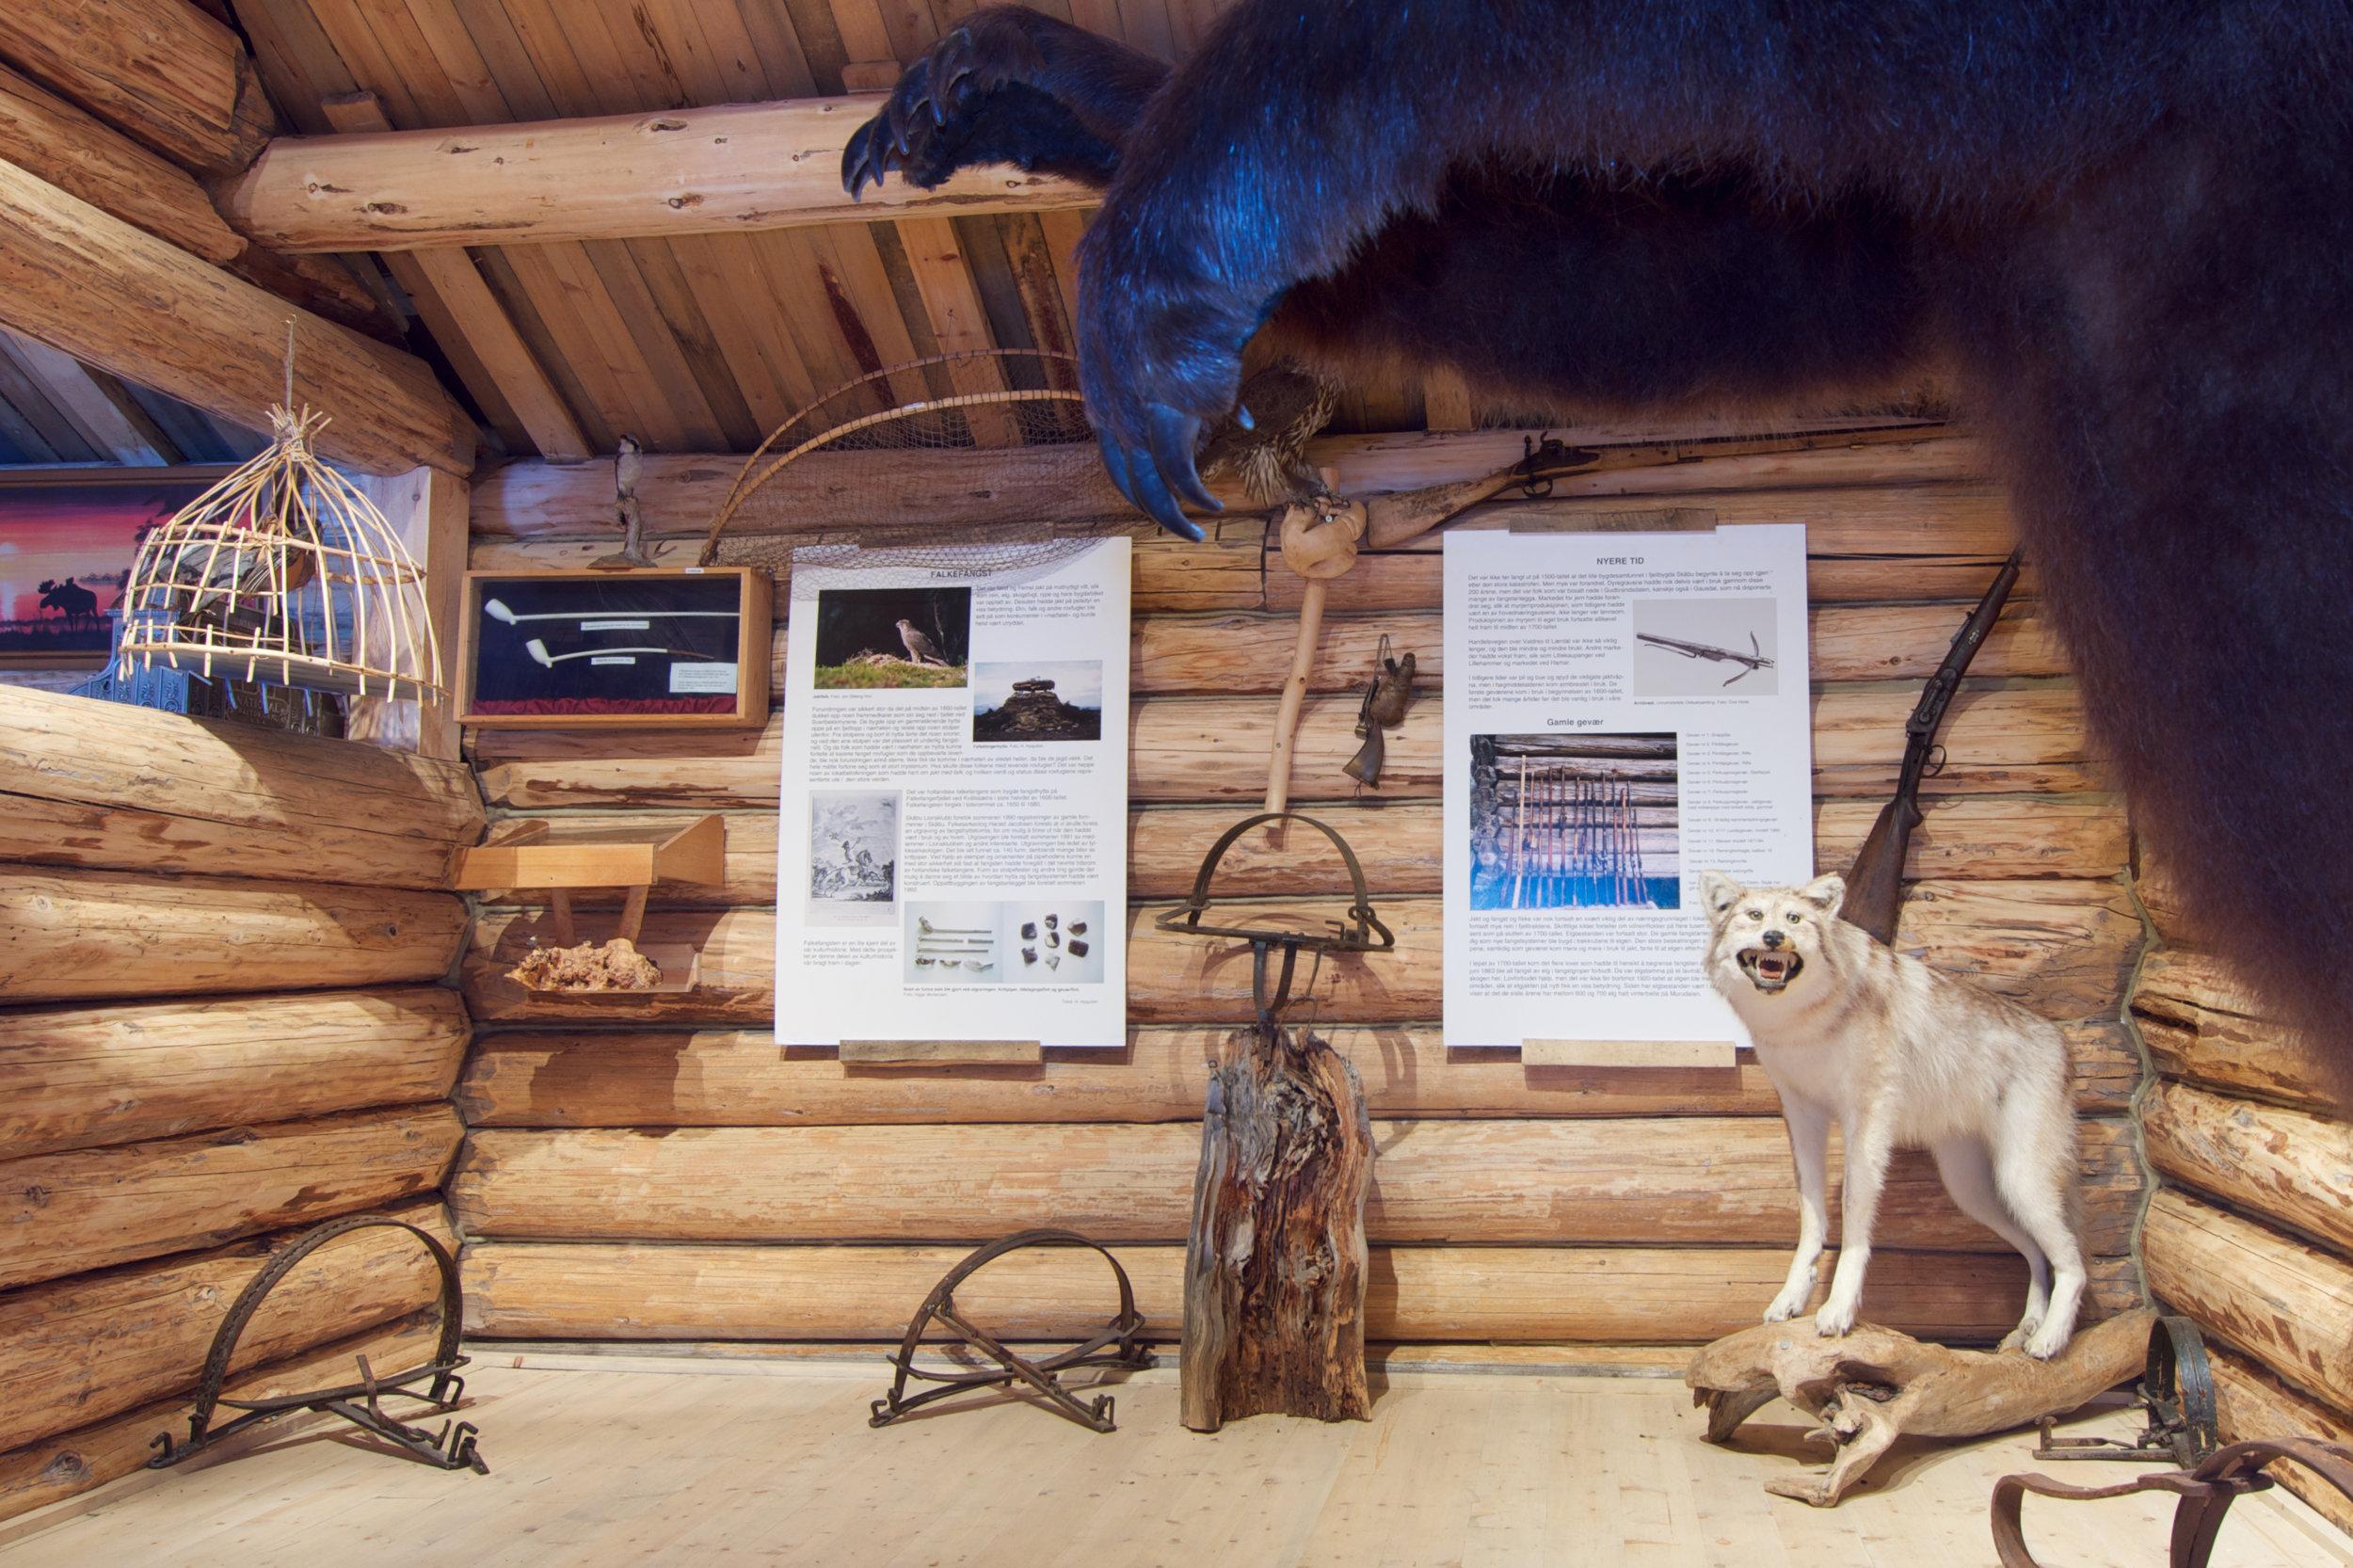 Foto: Grethe Gillebo - Kulturhistorisk Utstilling